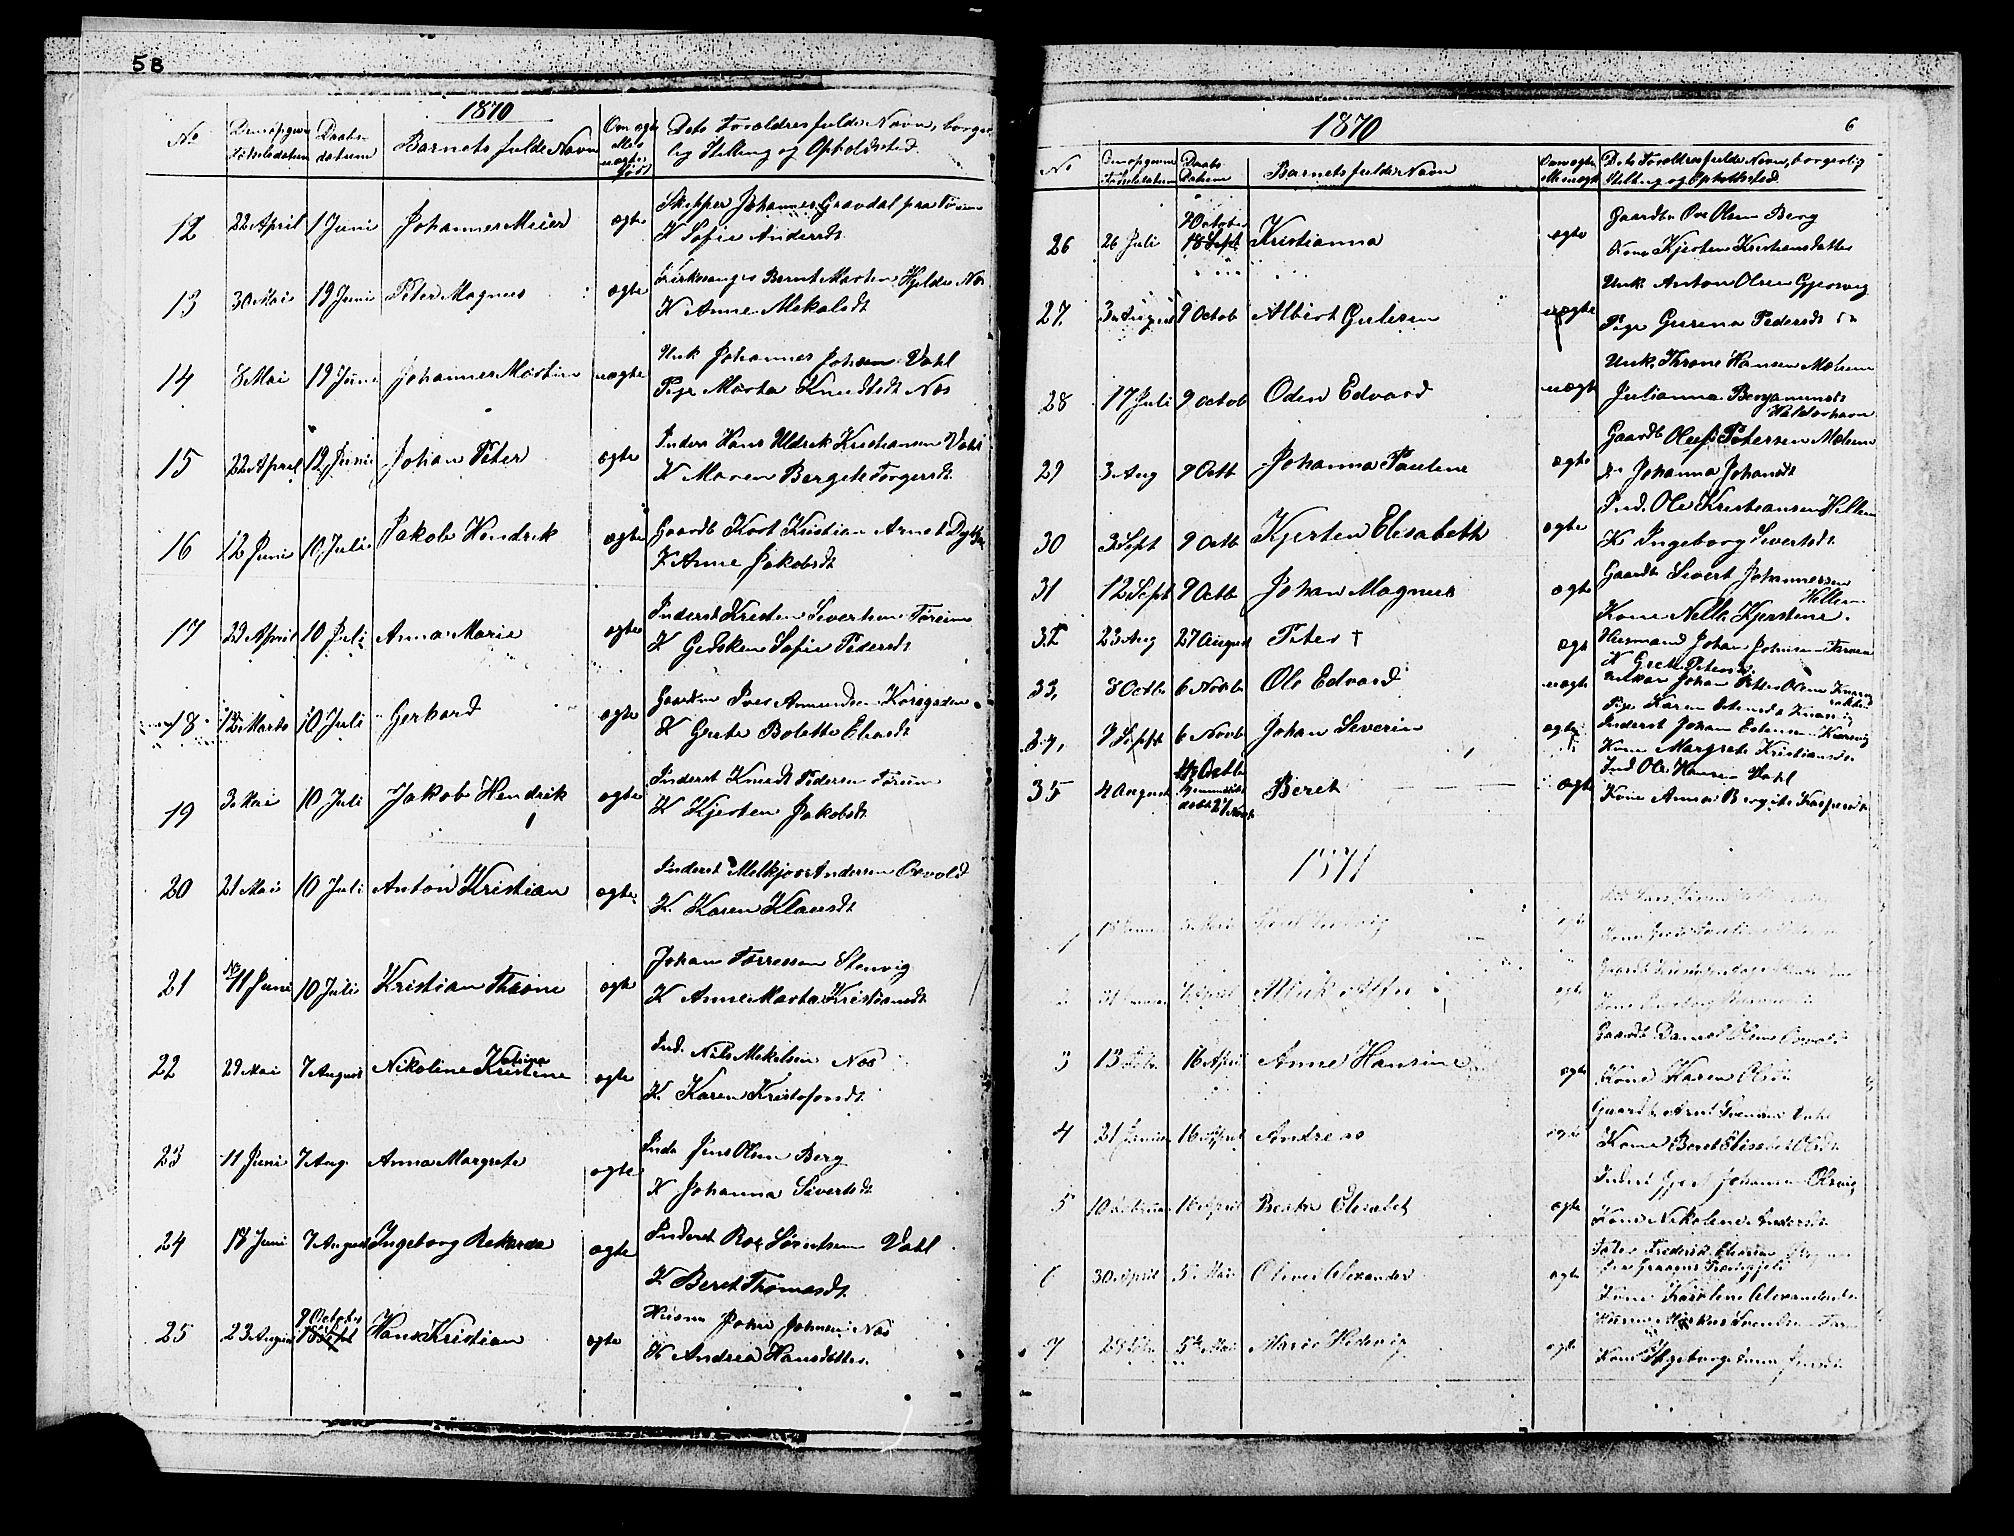 SAT, Ministerialprotokoller, klokkerbøker og fødselsregistre - Sør-Trøndelag, 652/L0653: Klokkerbok nr. 652C01, 1866-1910, s. 6